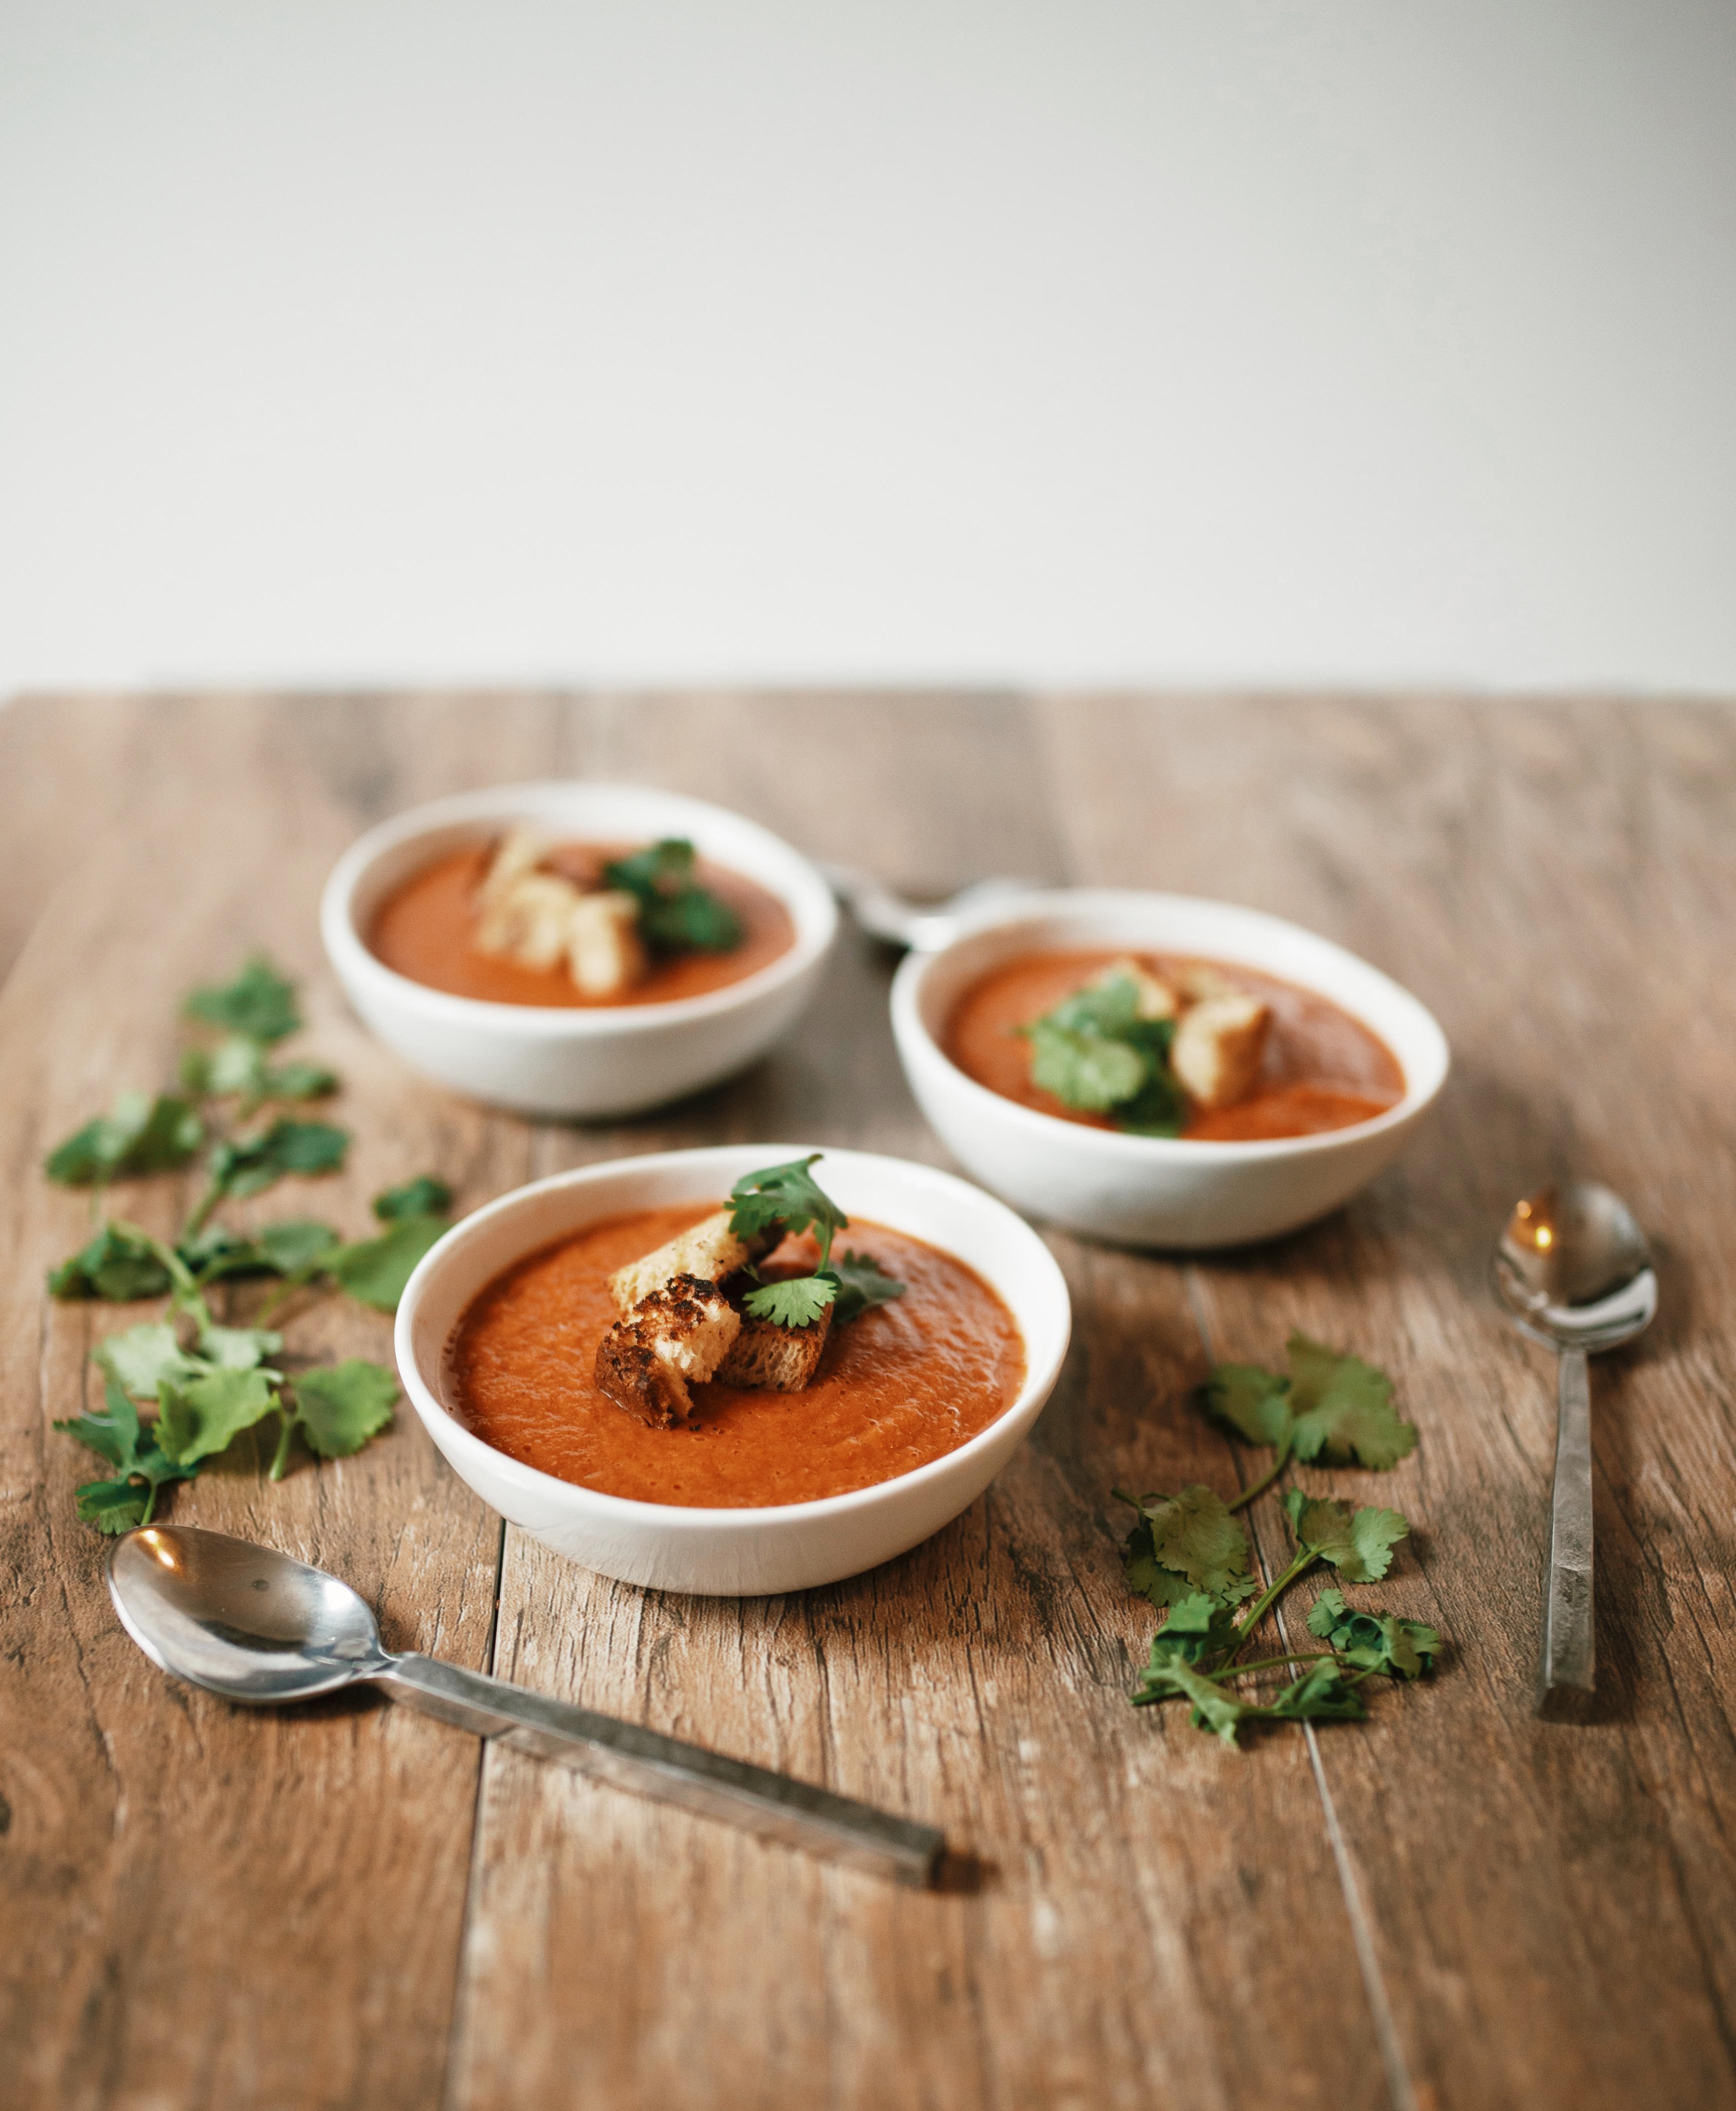 gluten free tomato soup